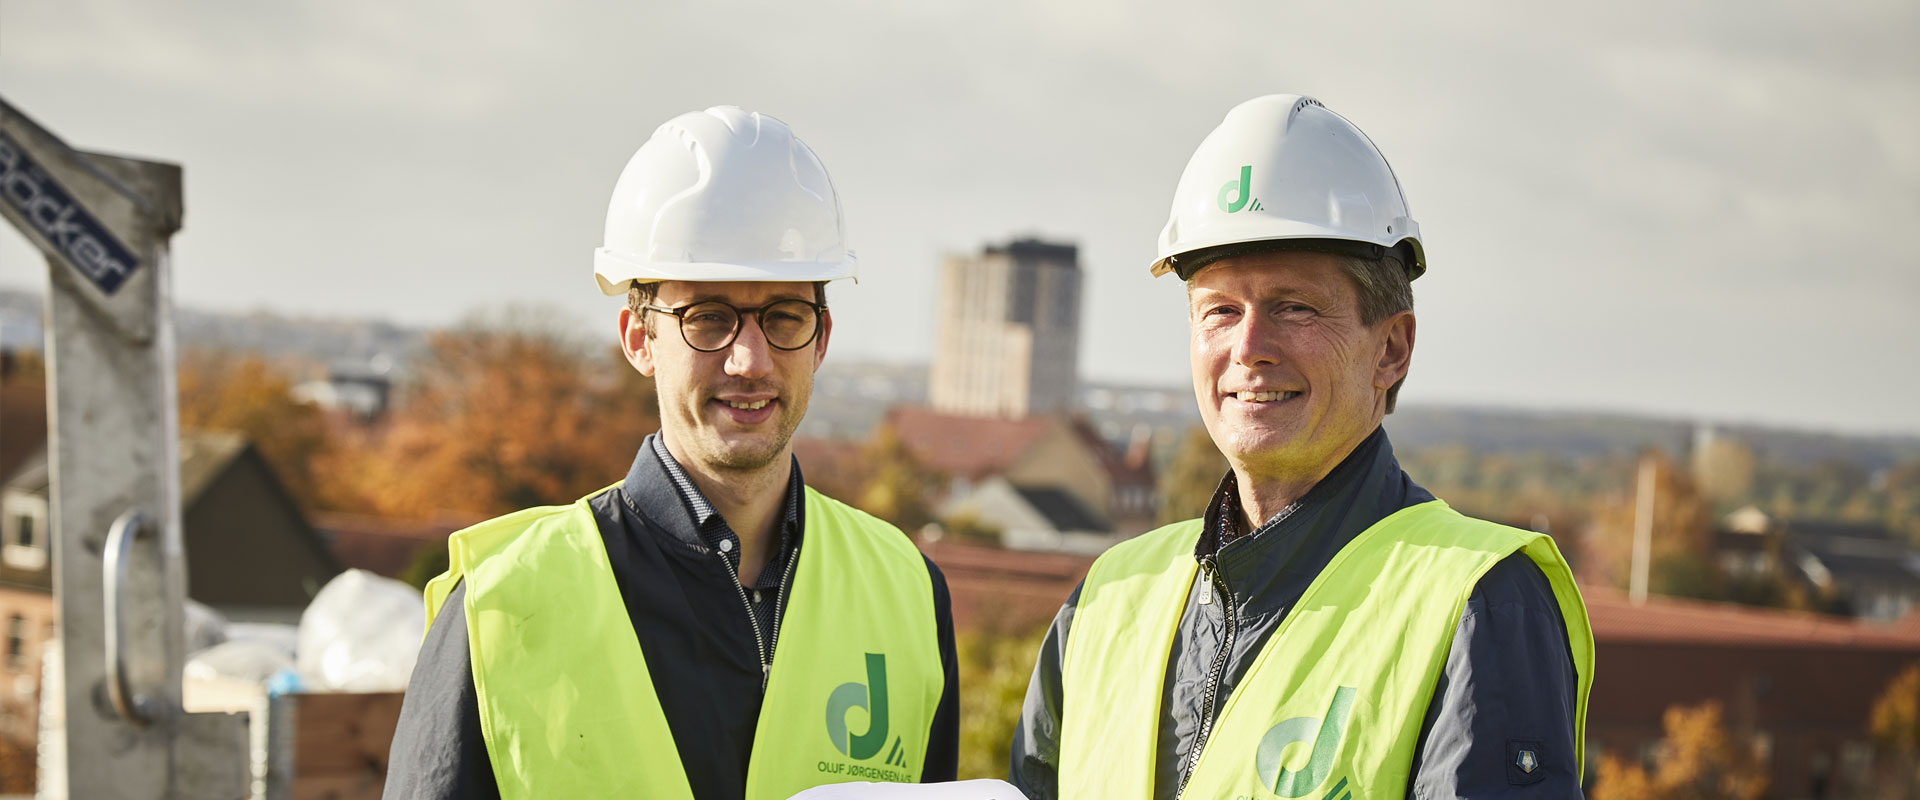 Oluf Jørgensen, Ingeniørfaglig rådgivning i hele landet